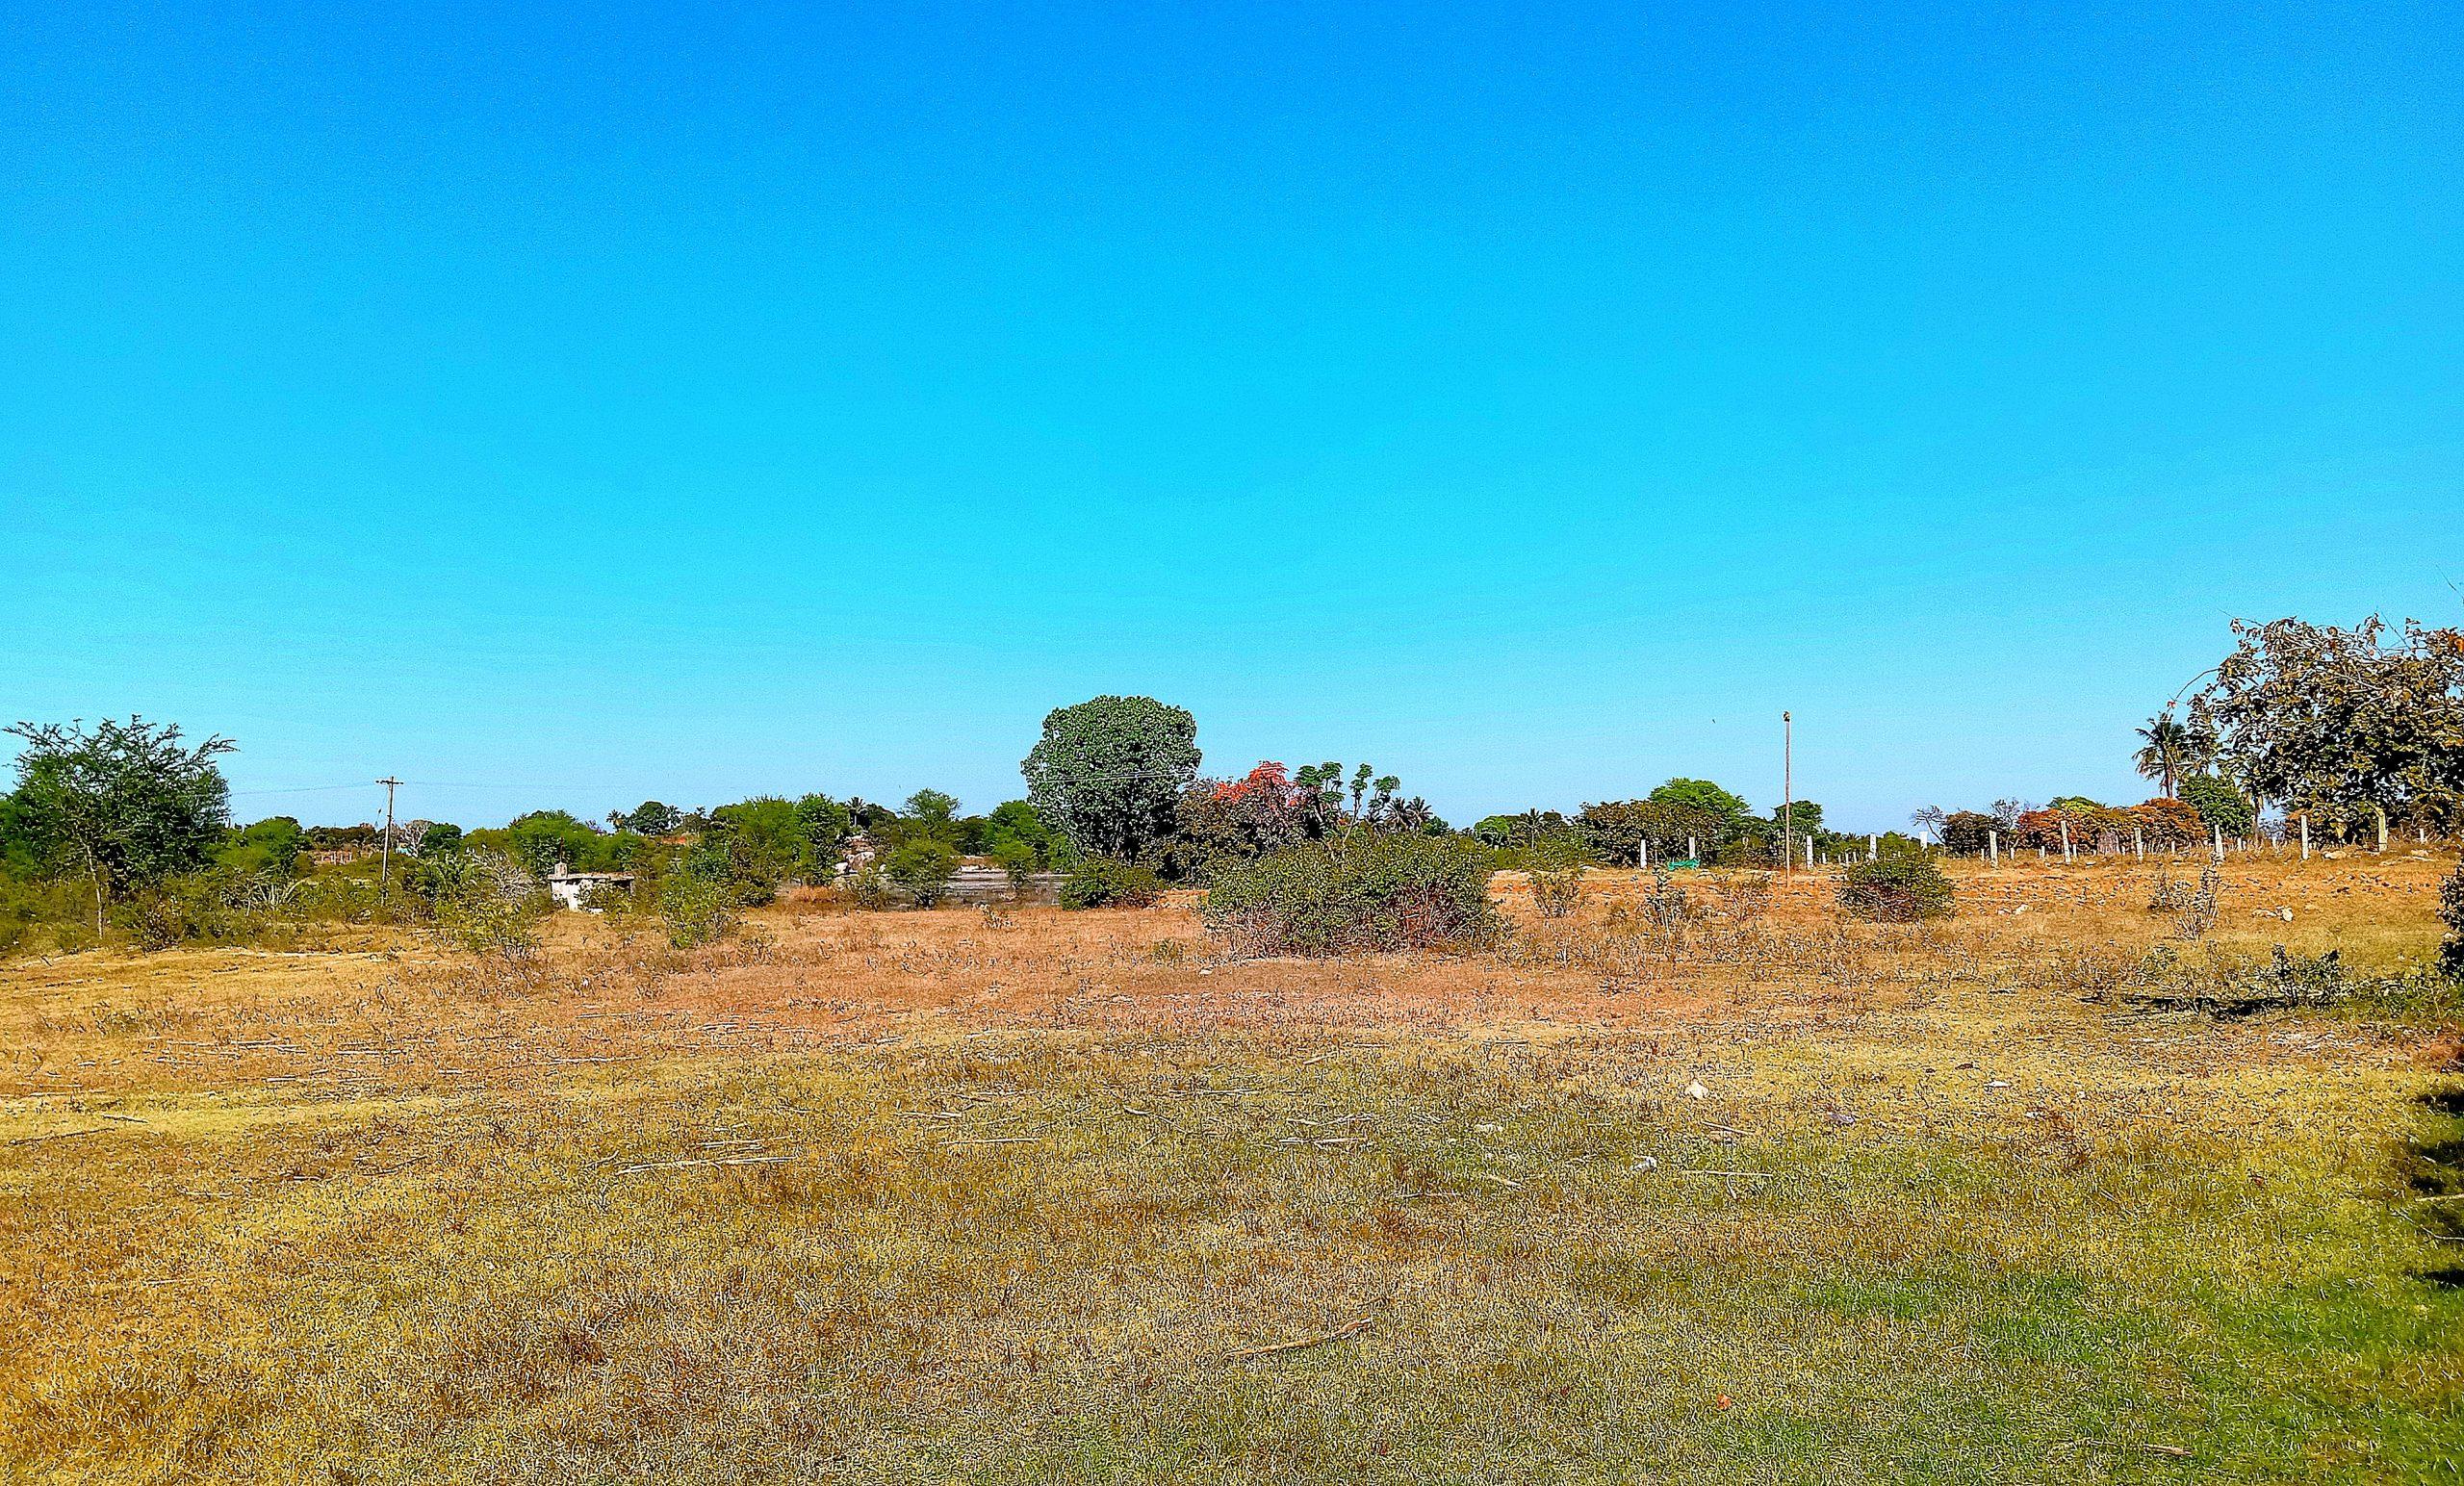 An open land